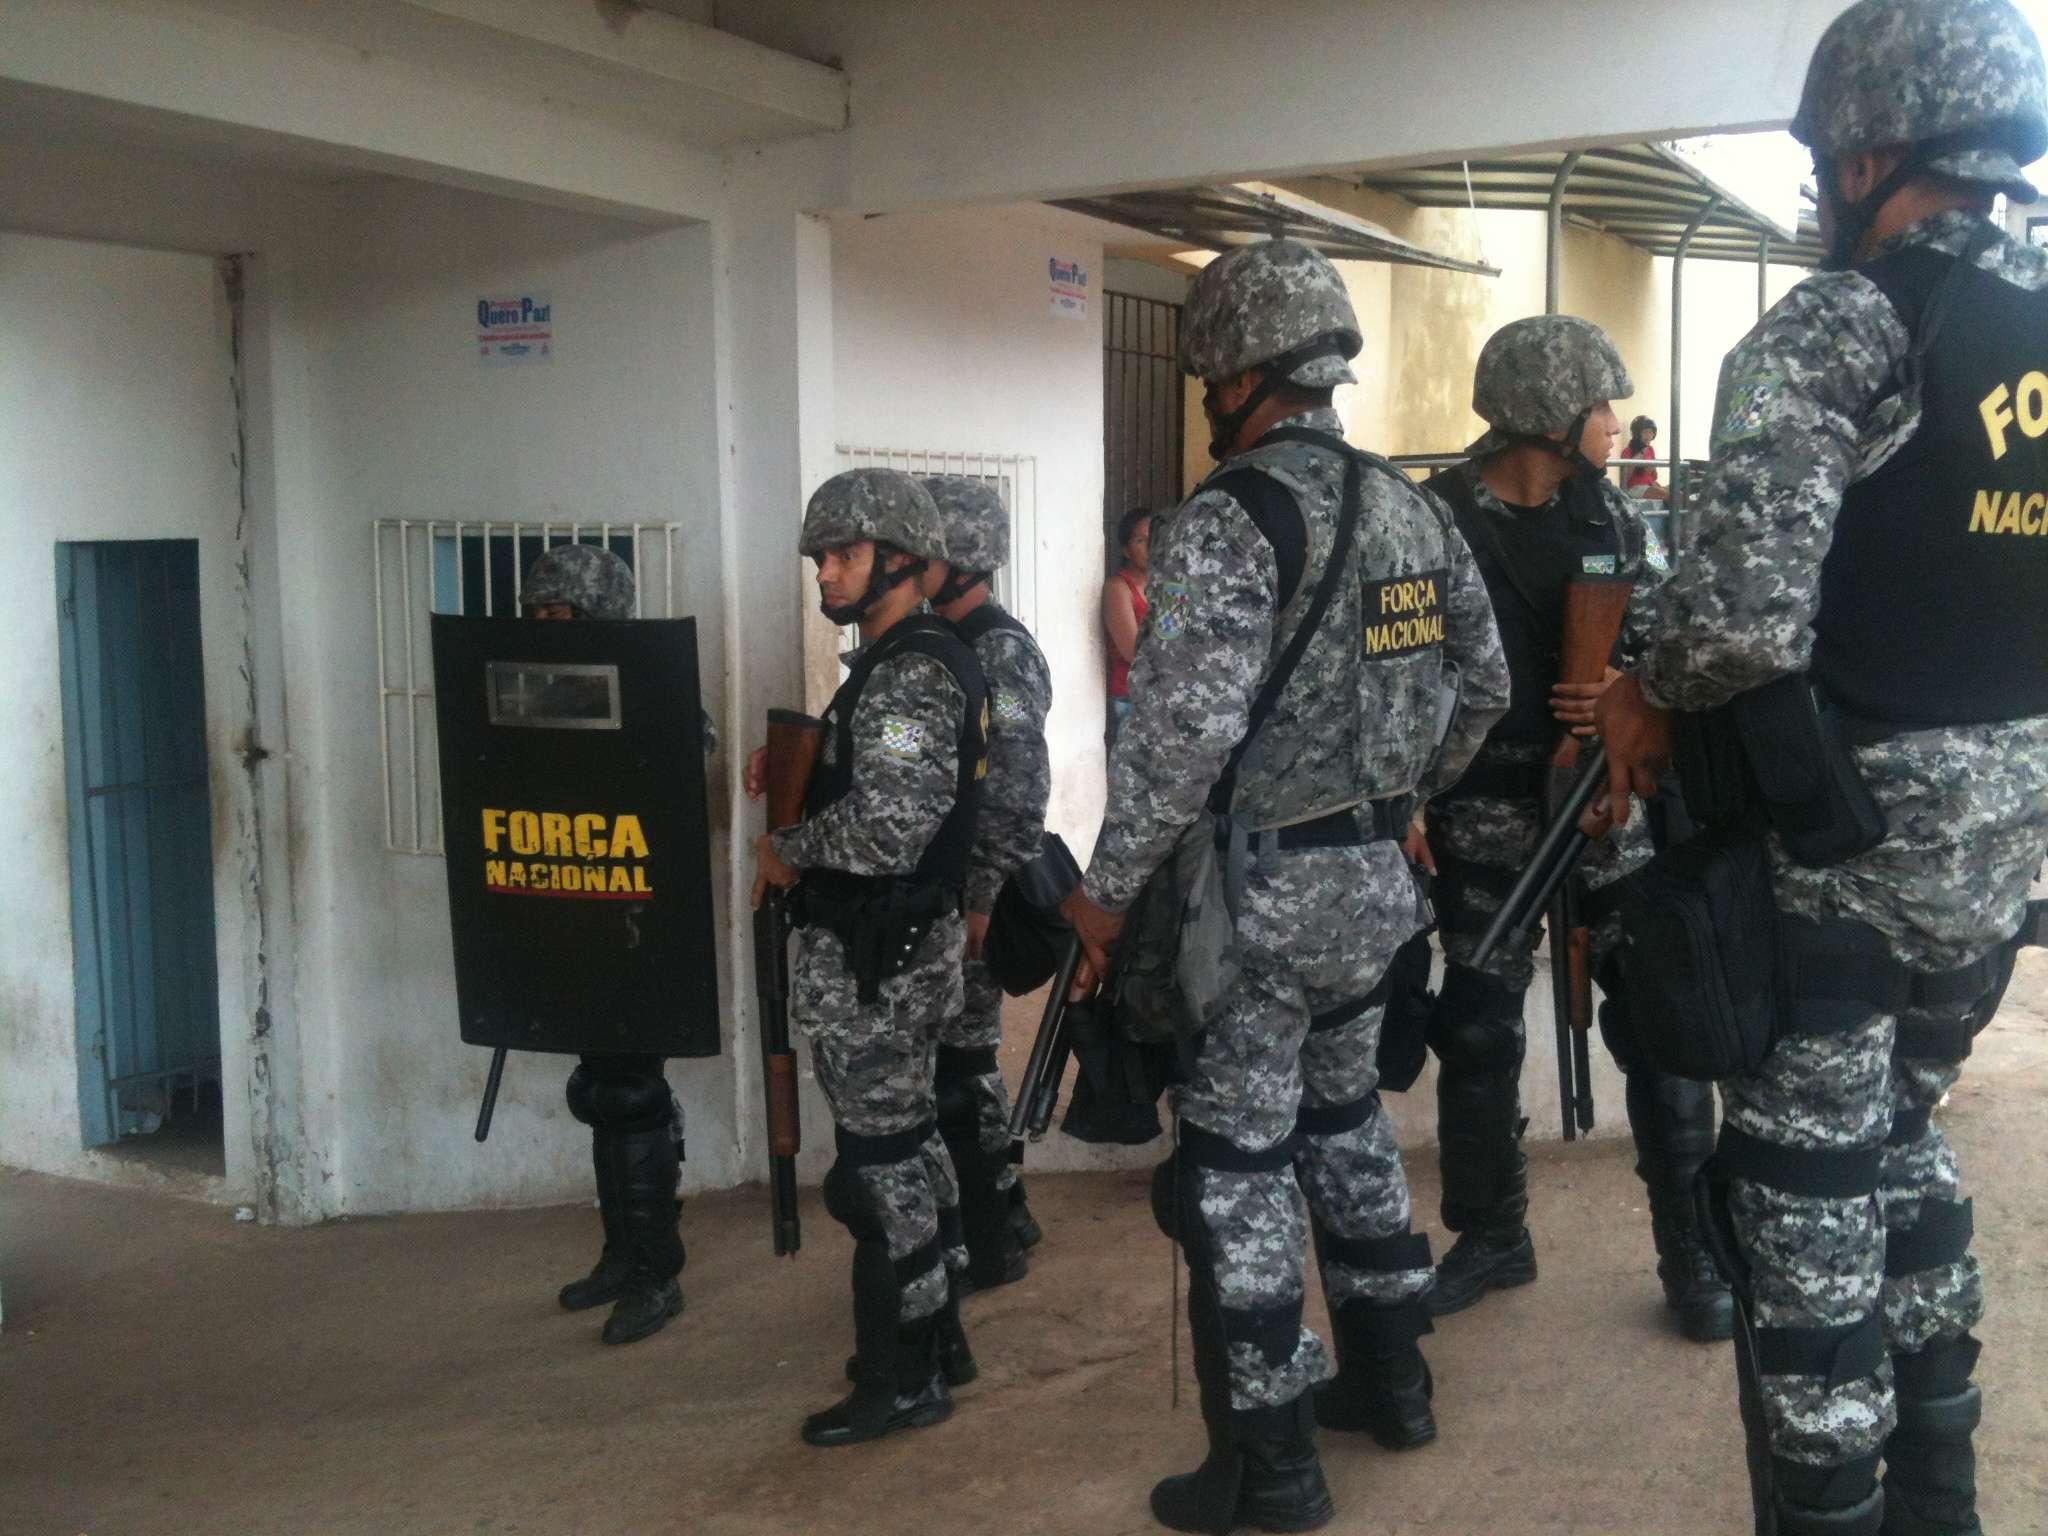 Agentes da Força Nacional e homens da Tropa de Choque da PM do Maranhão entraram pouco antes das 14h desta quinta-feira em uma das unidades do Complexo Penitenciário de Pedrinhas para conter um princípio de rebelião Foto: Janaina Garcia/Terra